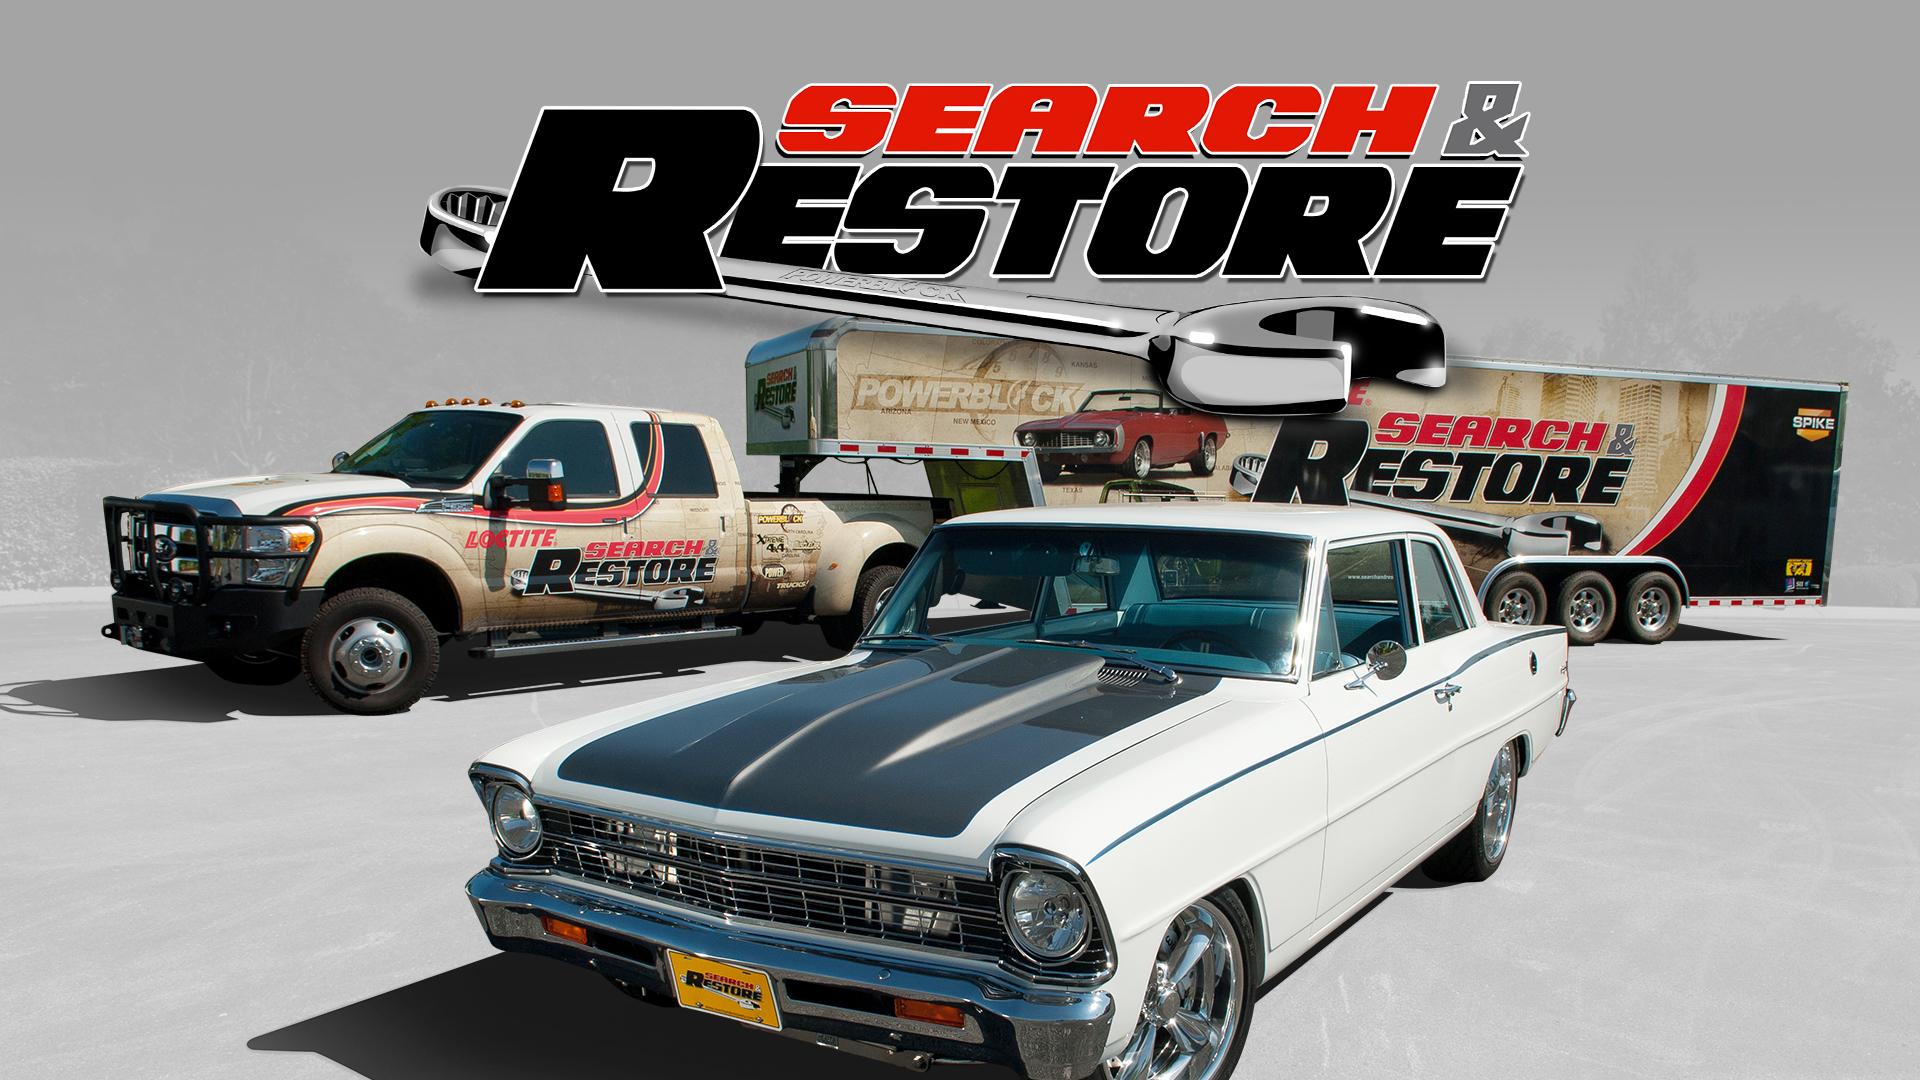 Search & Restore